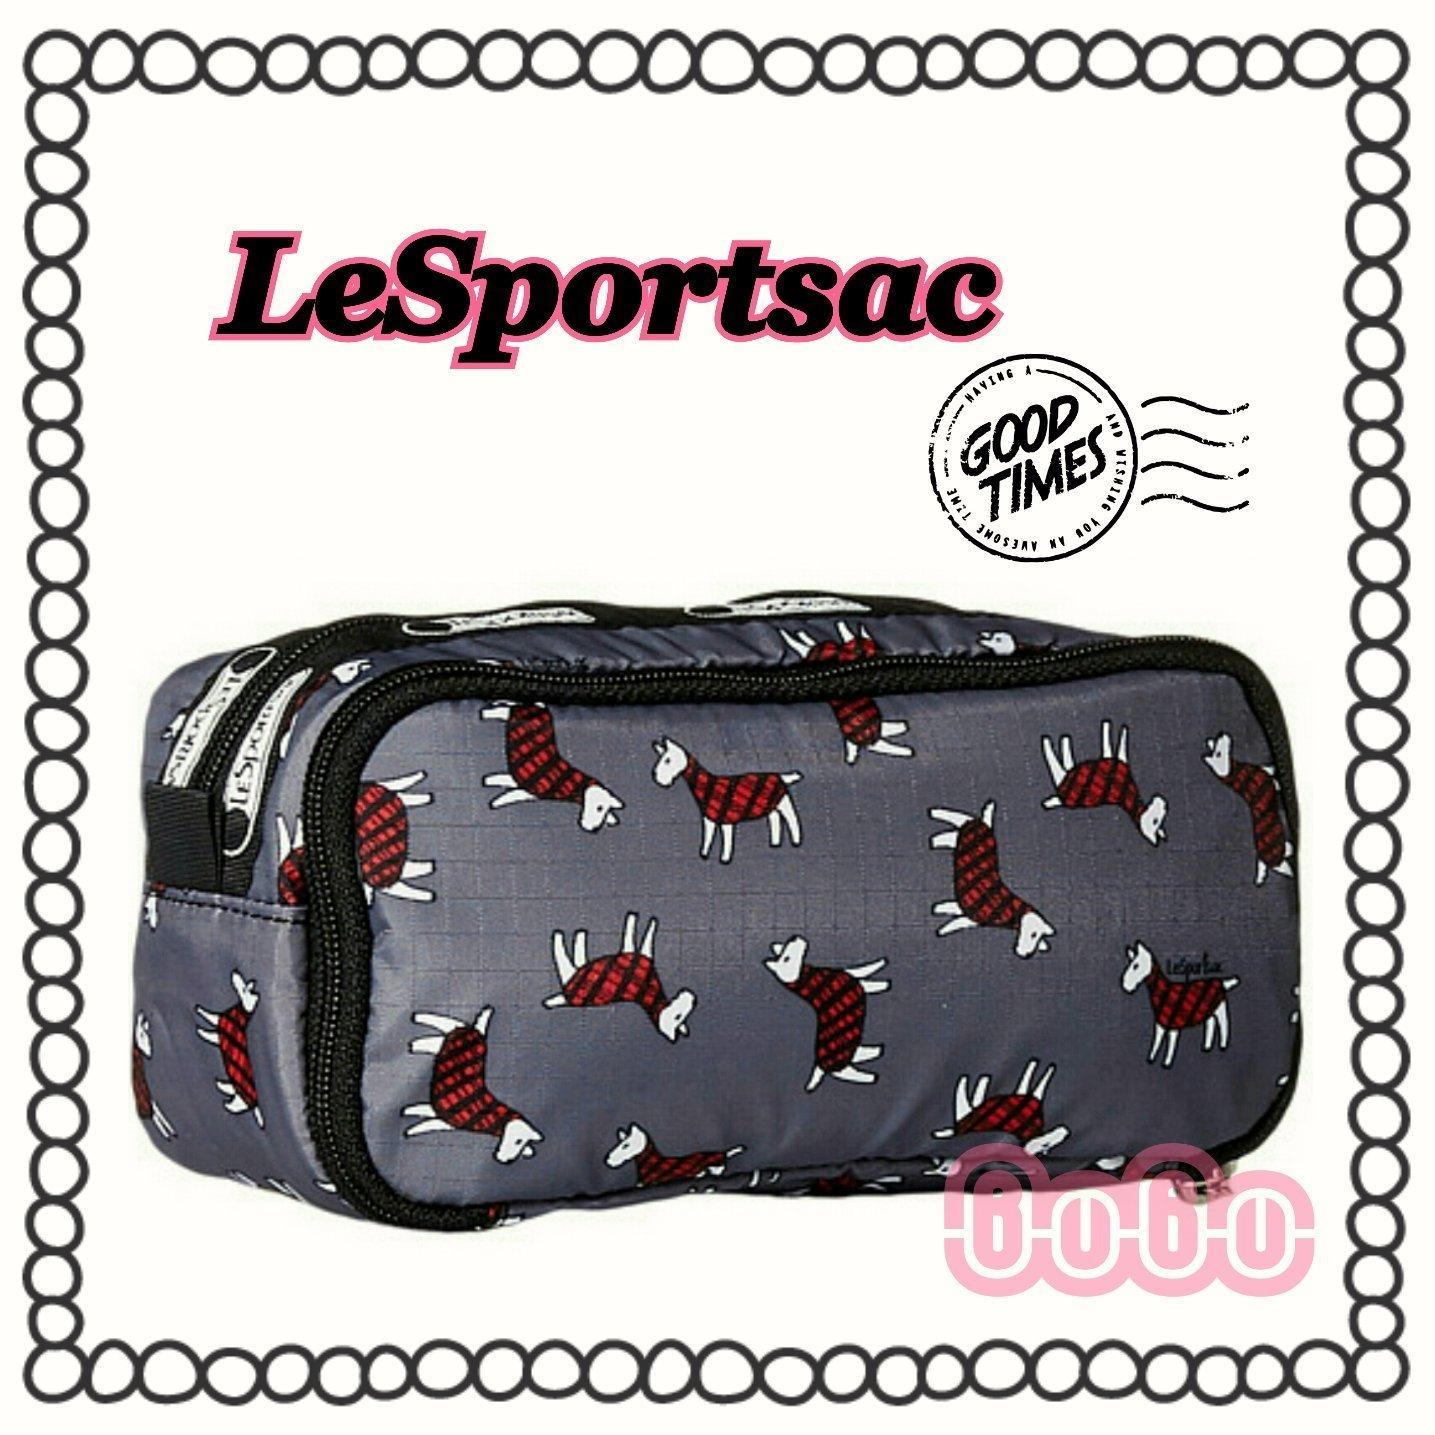 美國品牌LeSportsac雙層化妝包/萬用包/手拿包/旅行洗漱包/收納包/筆袋~♥BuBu彩虹小舖♥